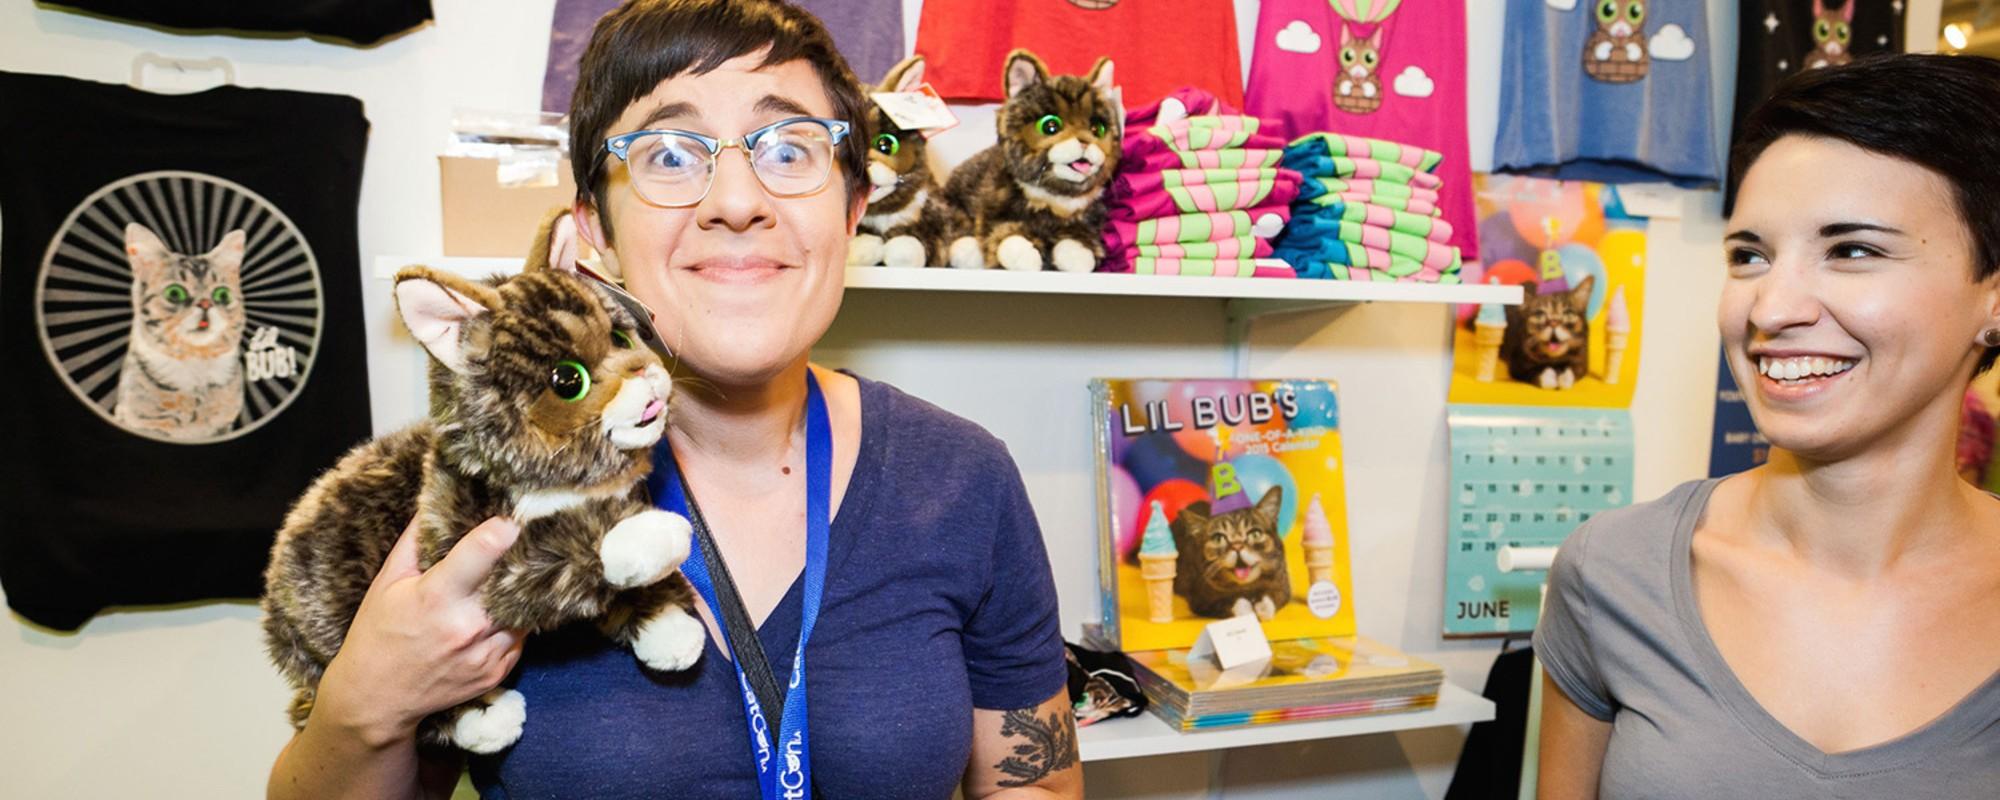 Děsivě roztomilá realita prvního sjezdu milovníků koček v LA